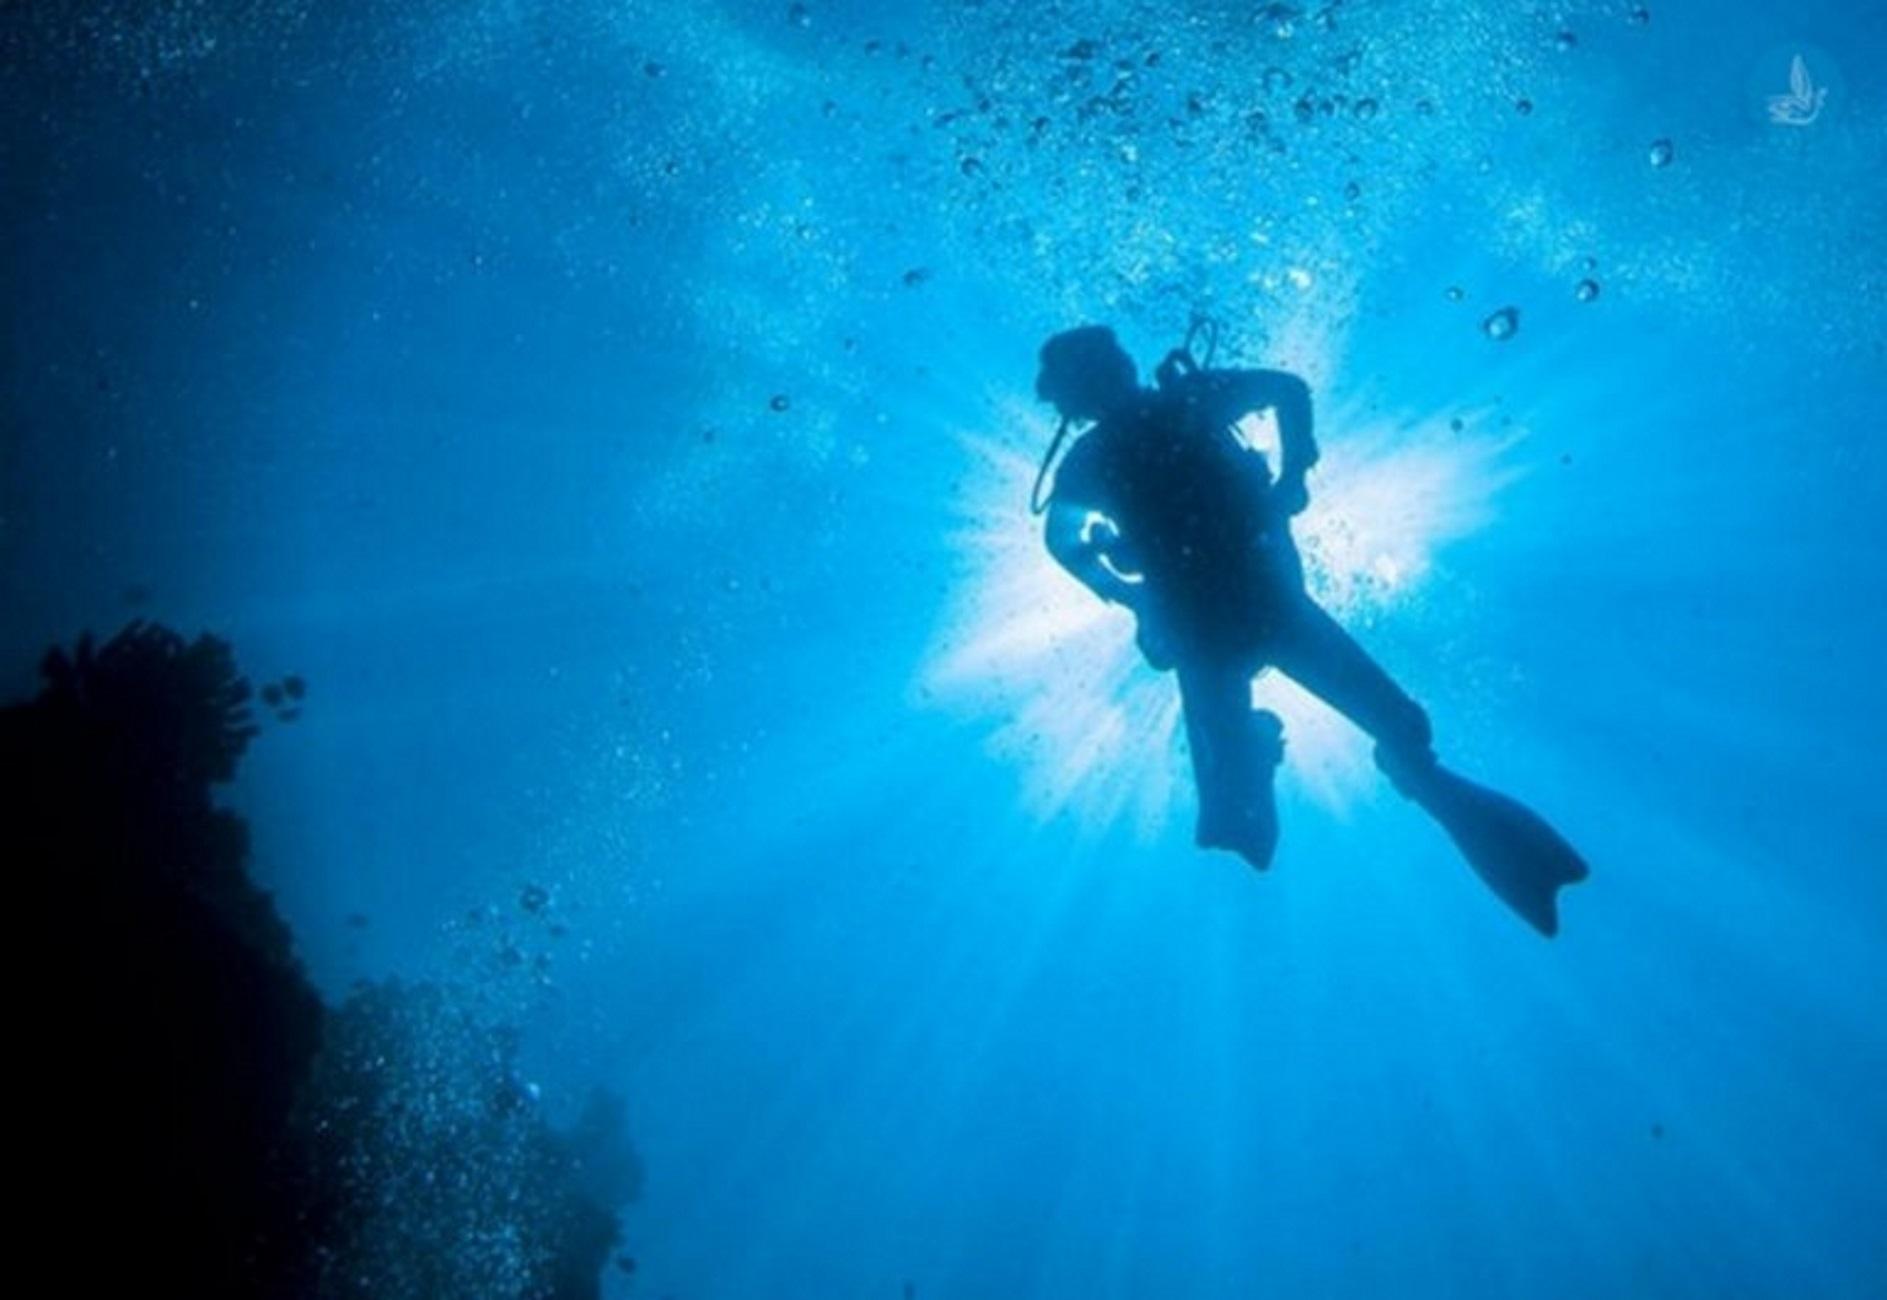 Χαλκιδική: Ζωντανός σε παραλία ο αγνοούμενος ψαροντουφεκάς – «Οι καρδιές μας πήγαν στη θέση τους»